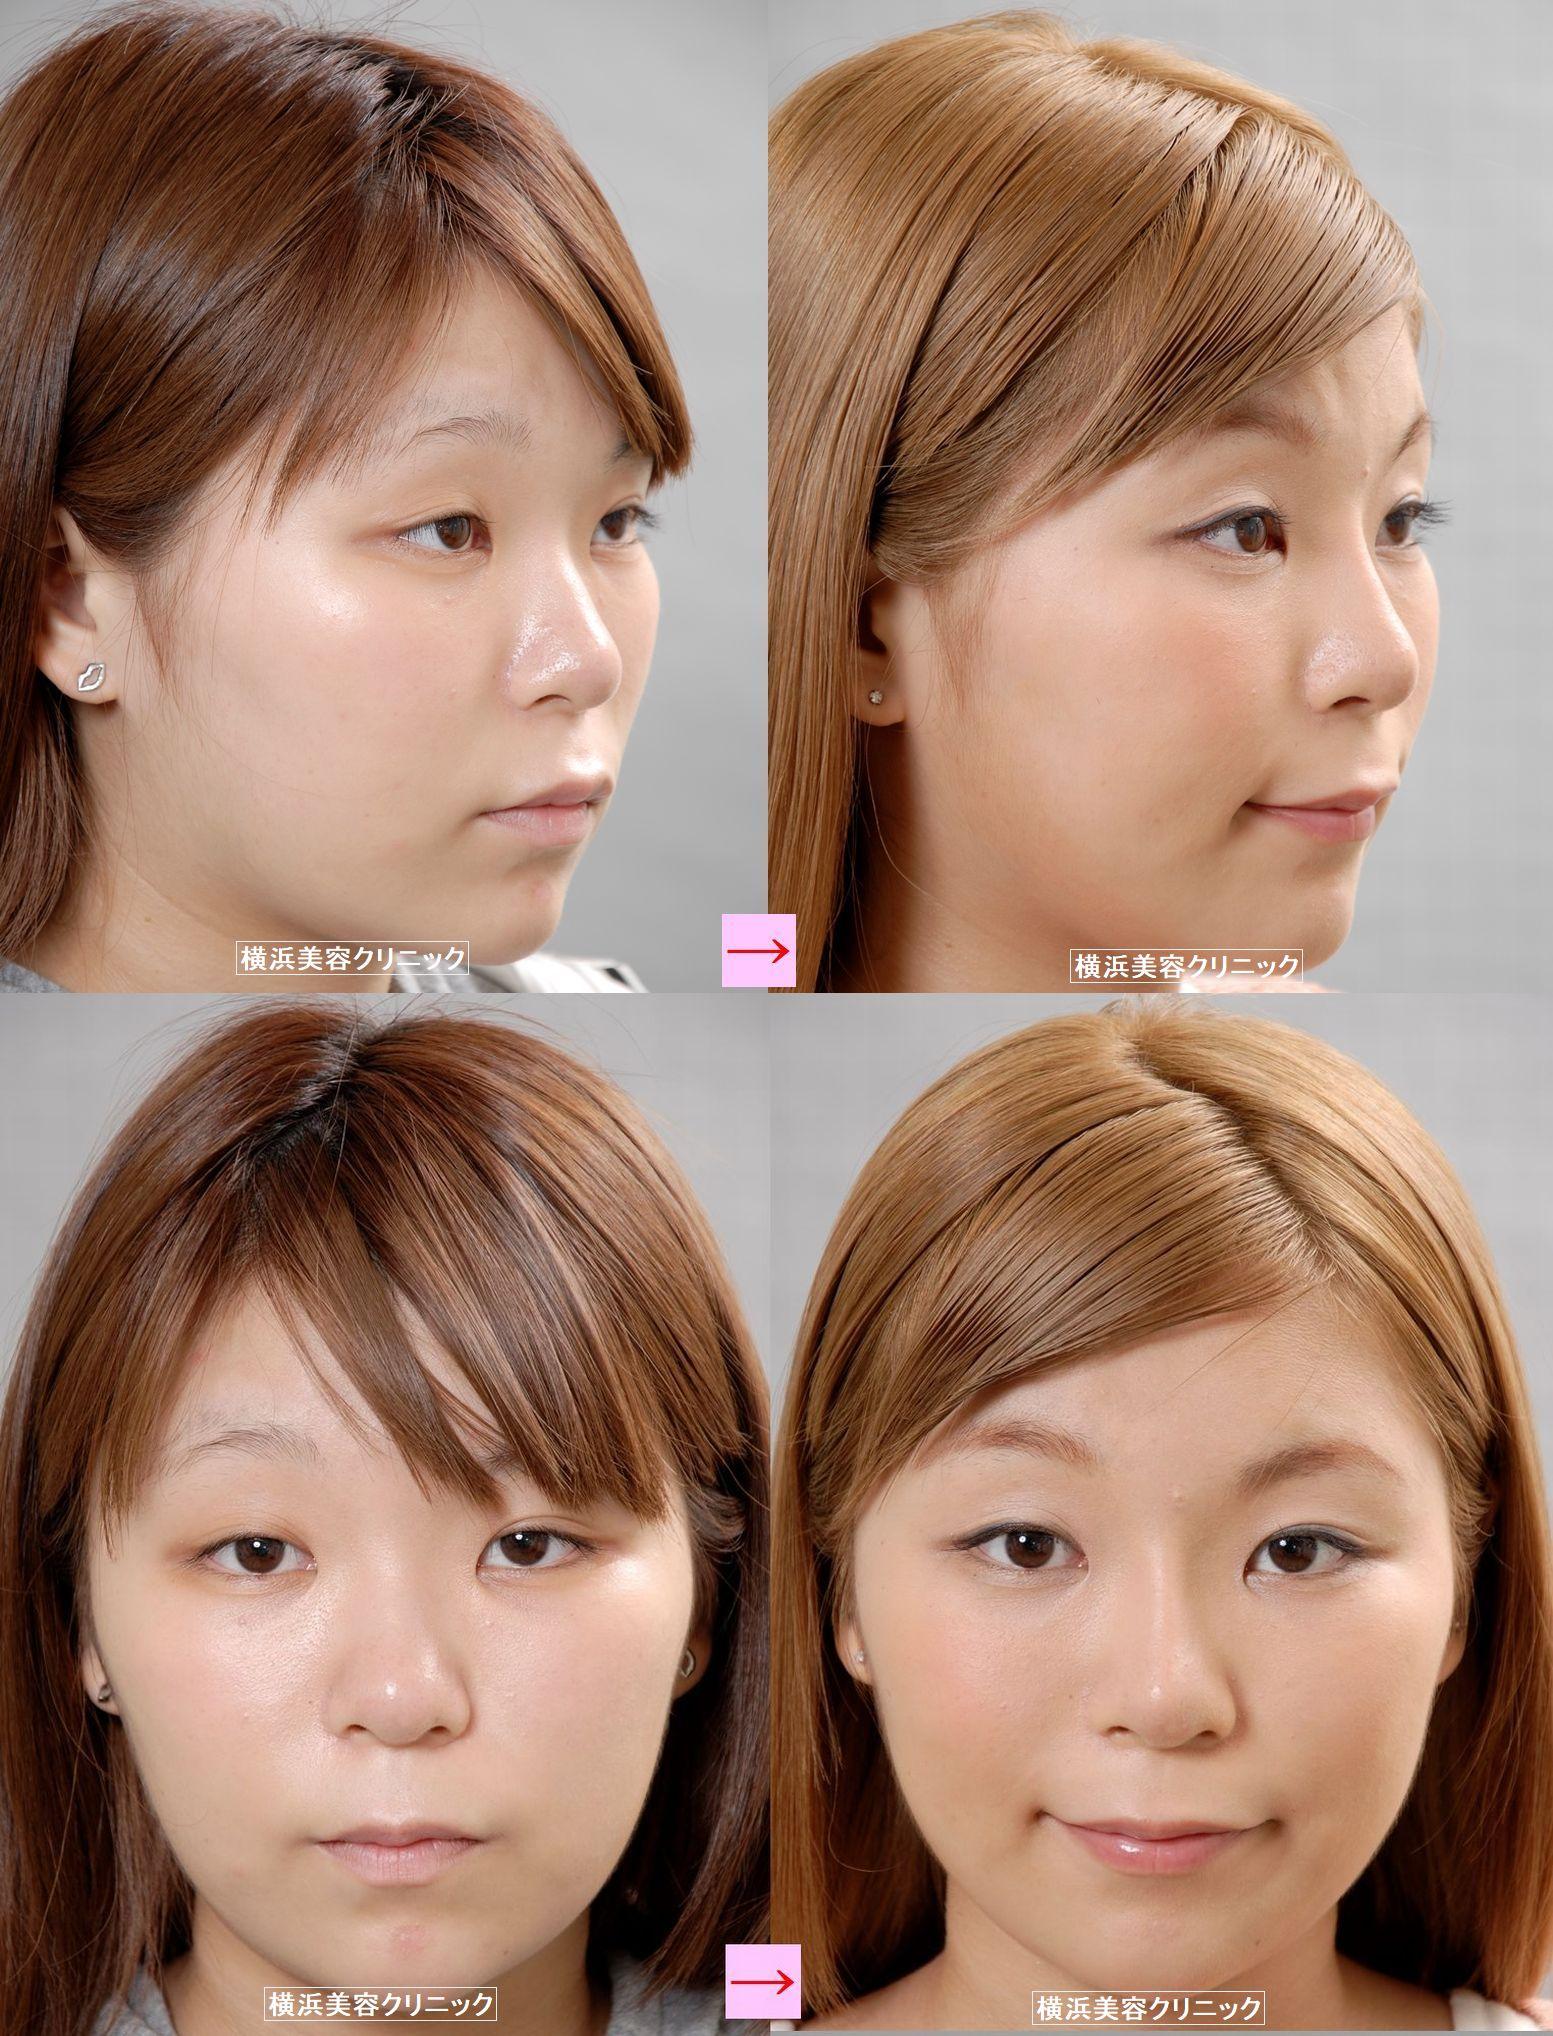 ゴールデンウィークは美容外科施術を受ける絶好のチャンス (画像あり)